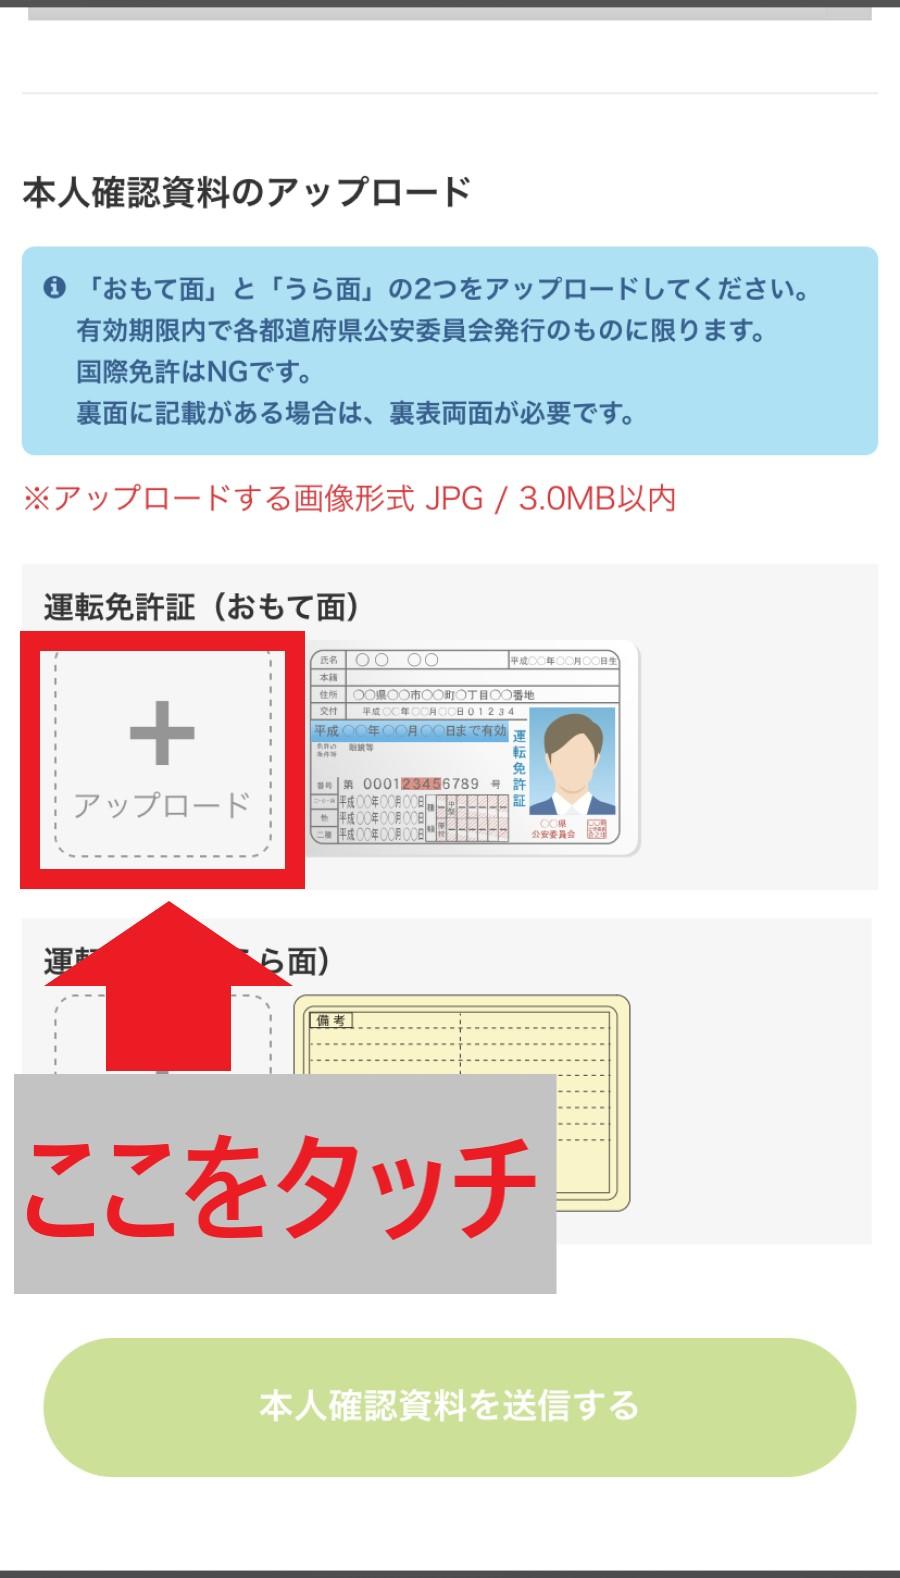 限界突破WiFiの申し込み手順・流れ・運転免許証のアップロード